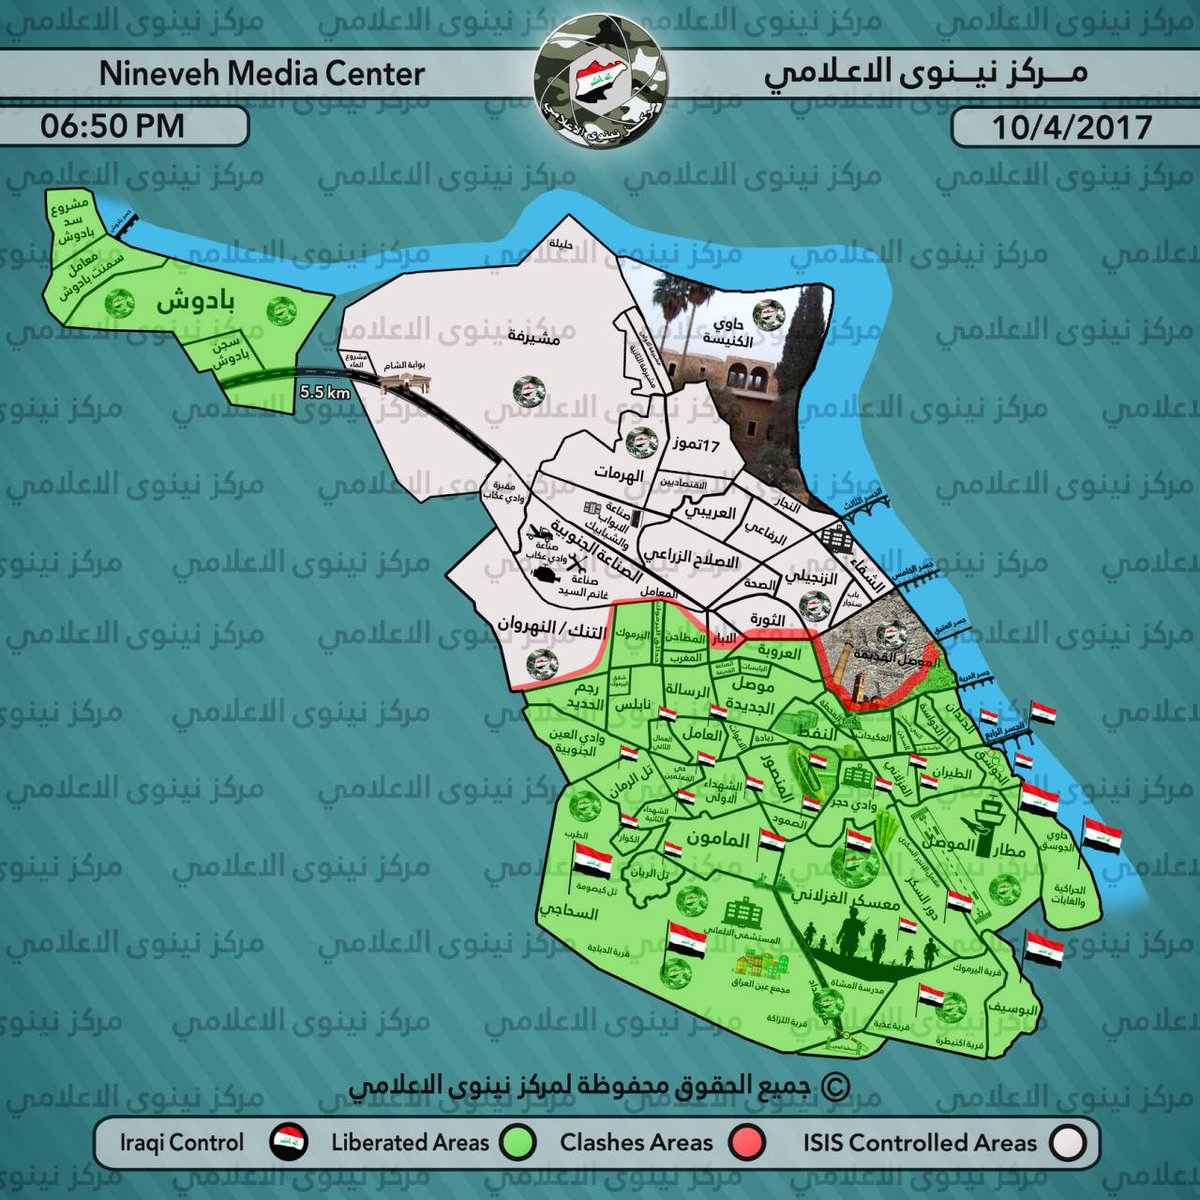 معركة الموصل - صفحة 6 C9ENI_YW0AAVBi9